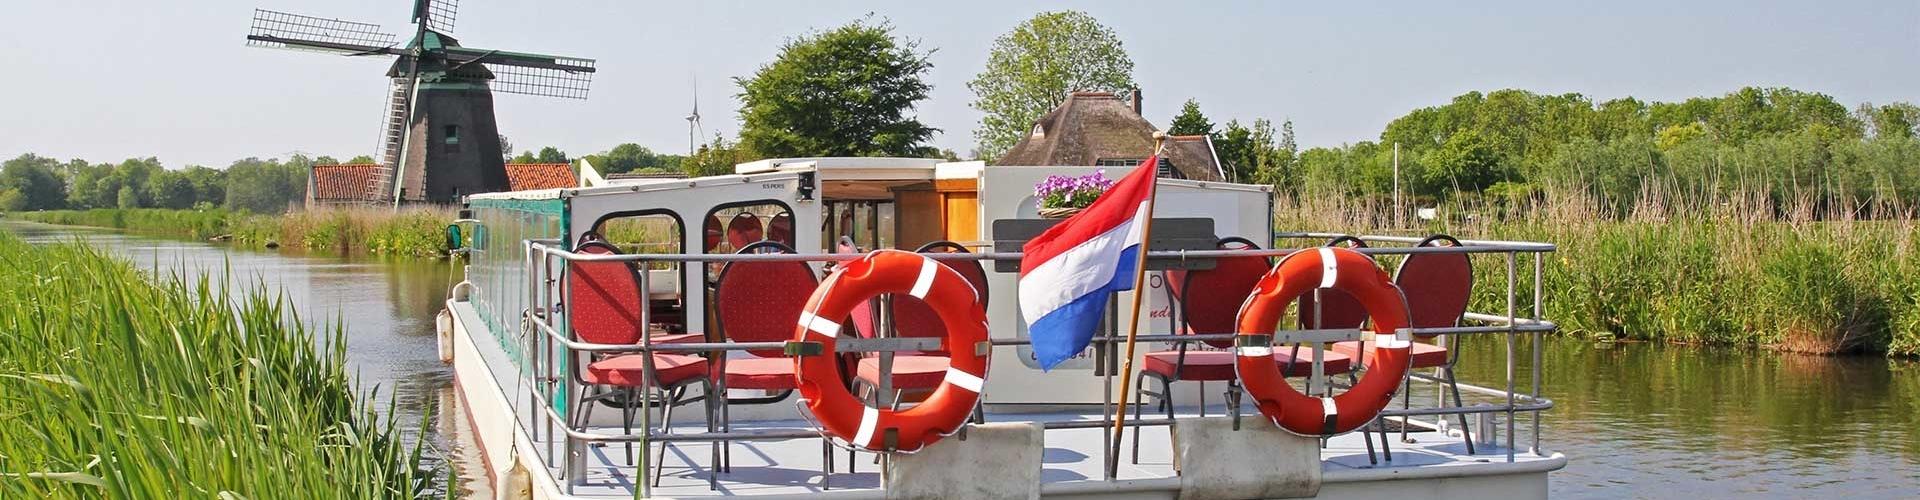 Partyboot De Koperen Hoorn bij de molen